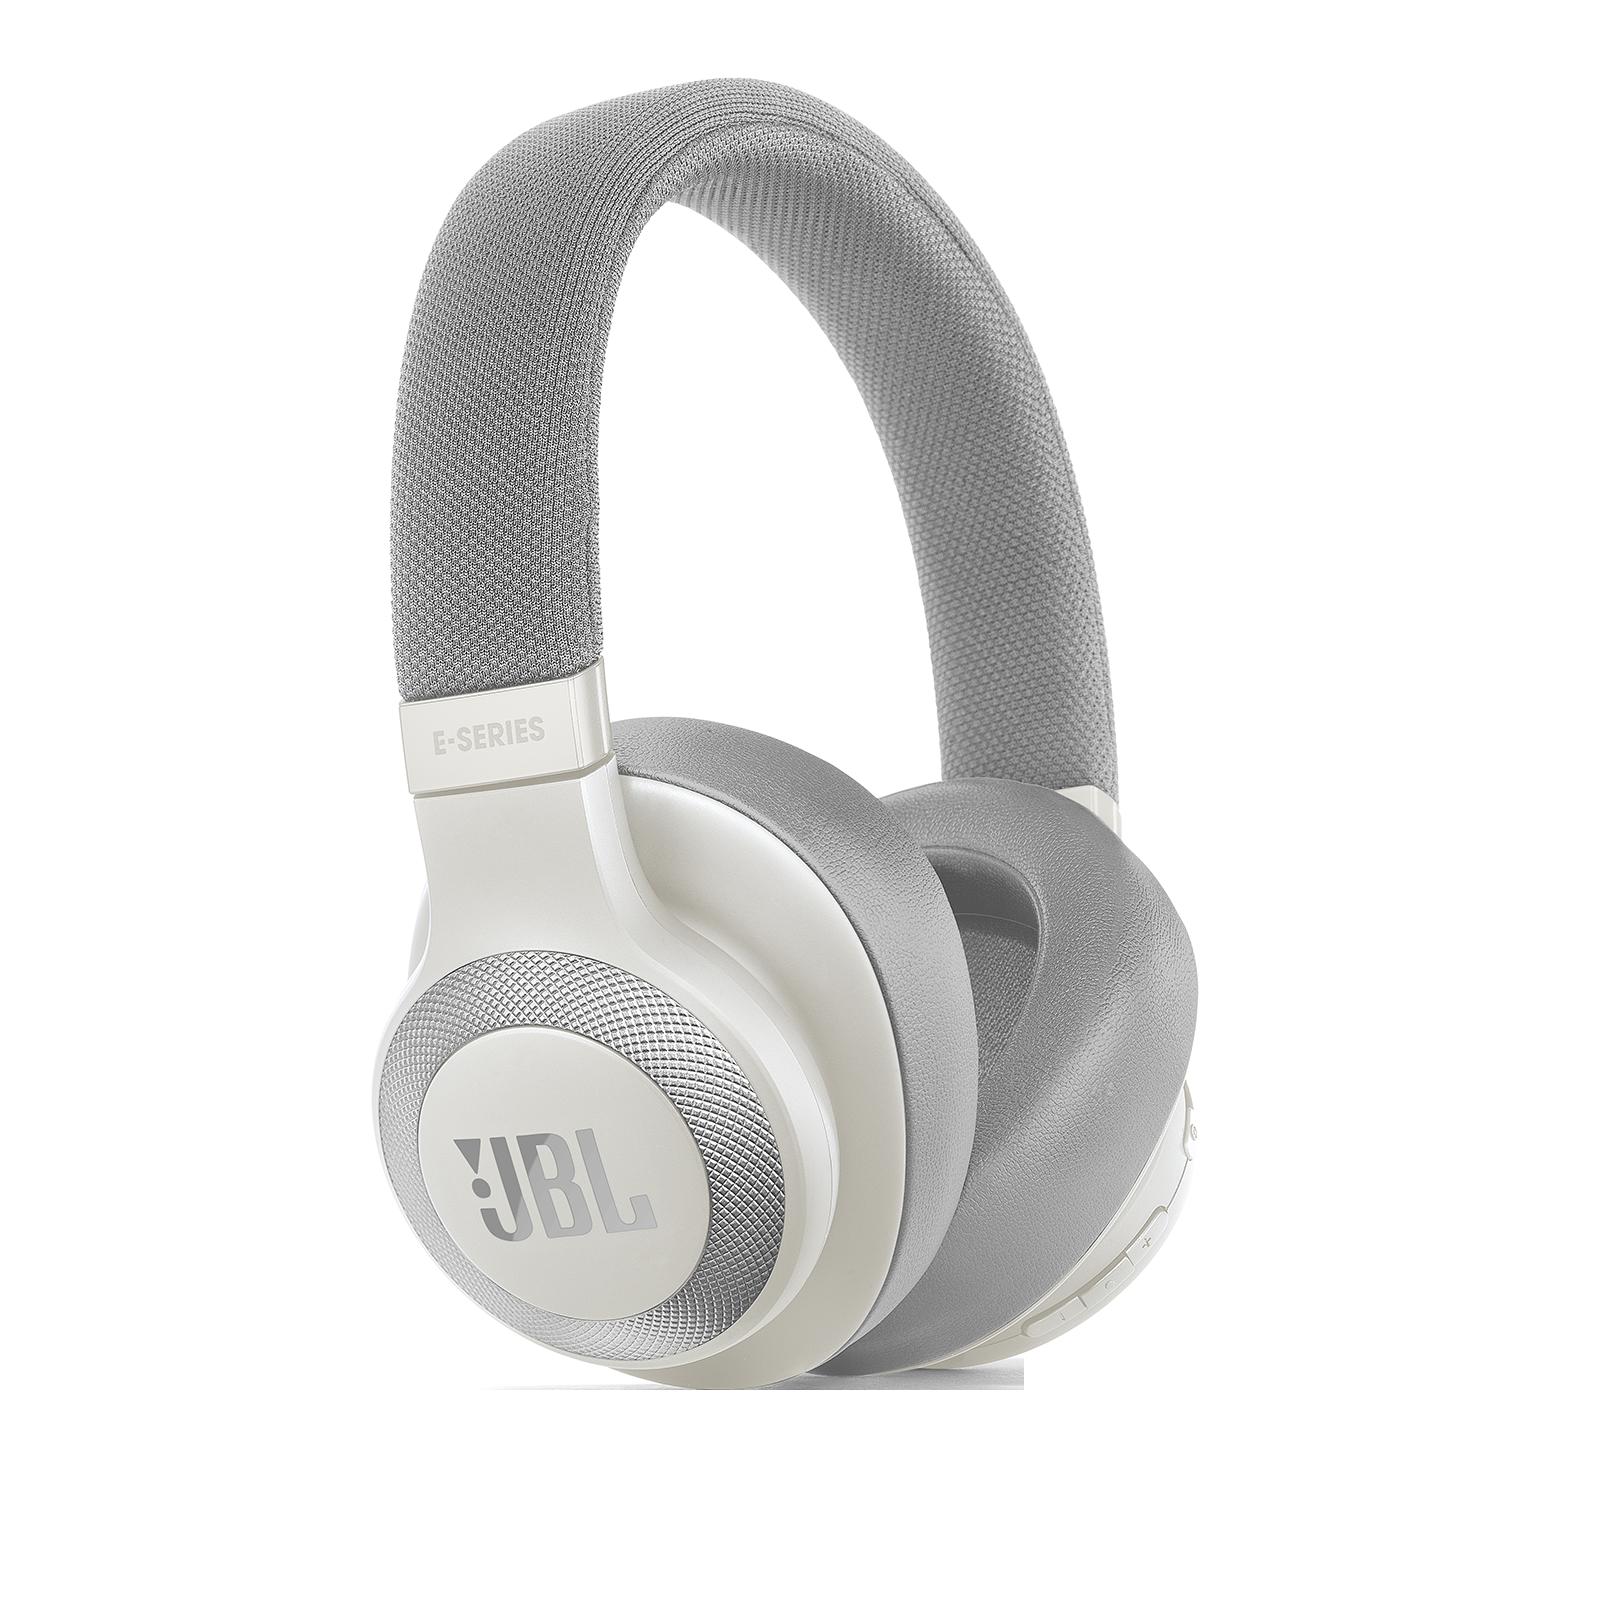 JBL E65BTNC - White - Wireless over-ear noise-cancelling headphones - Hero